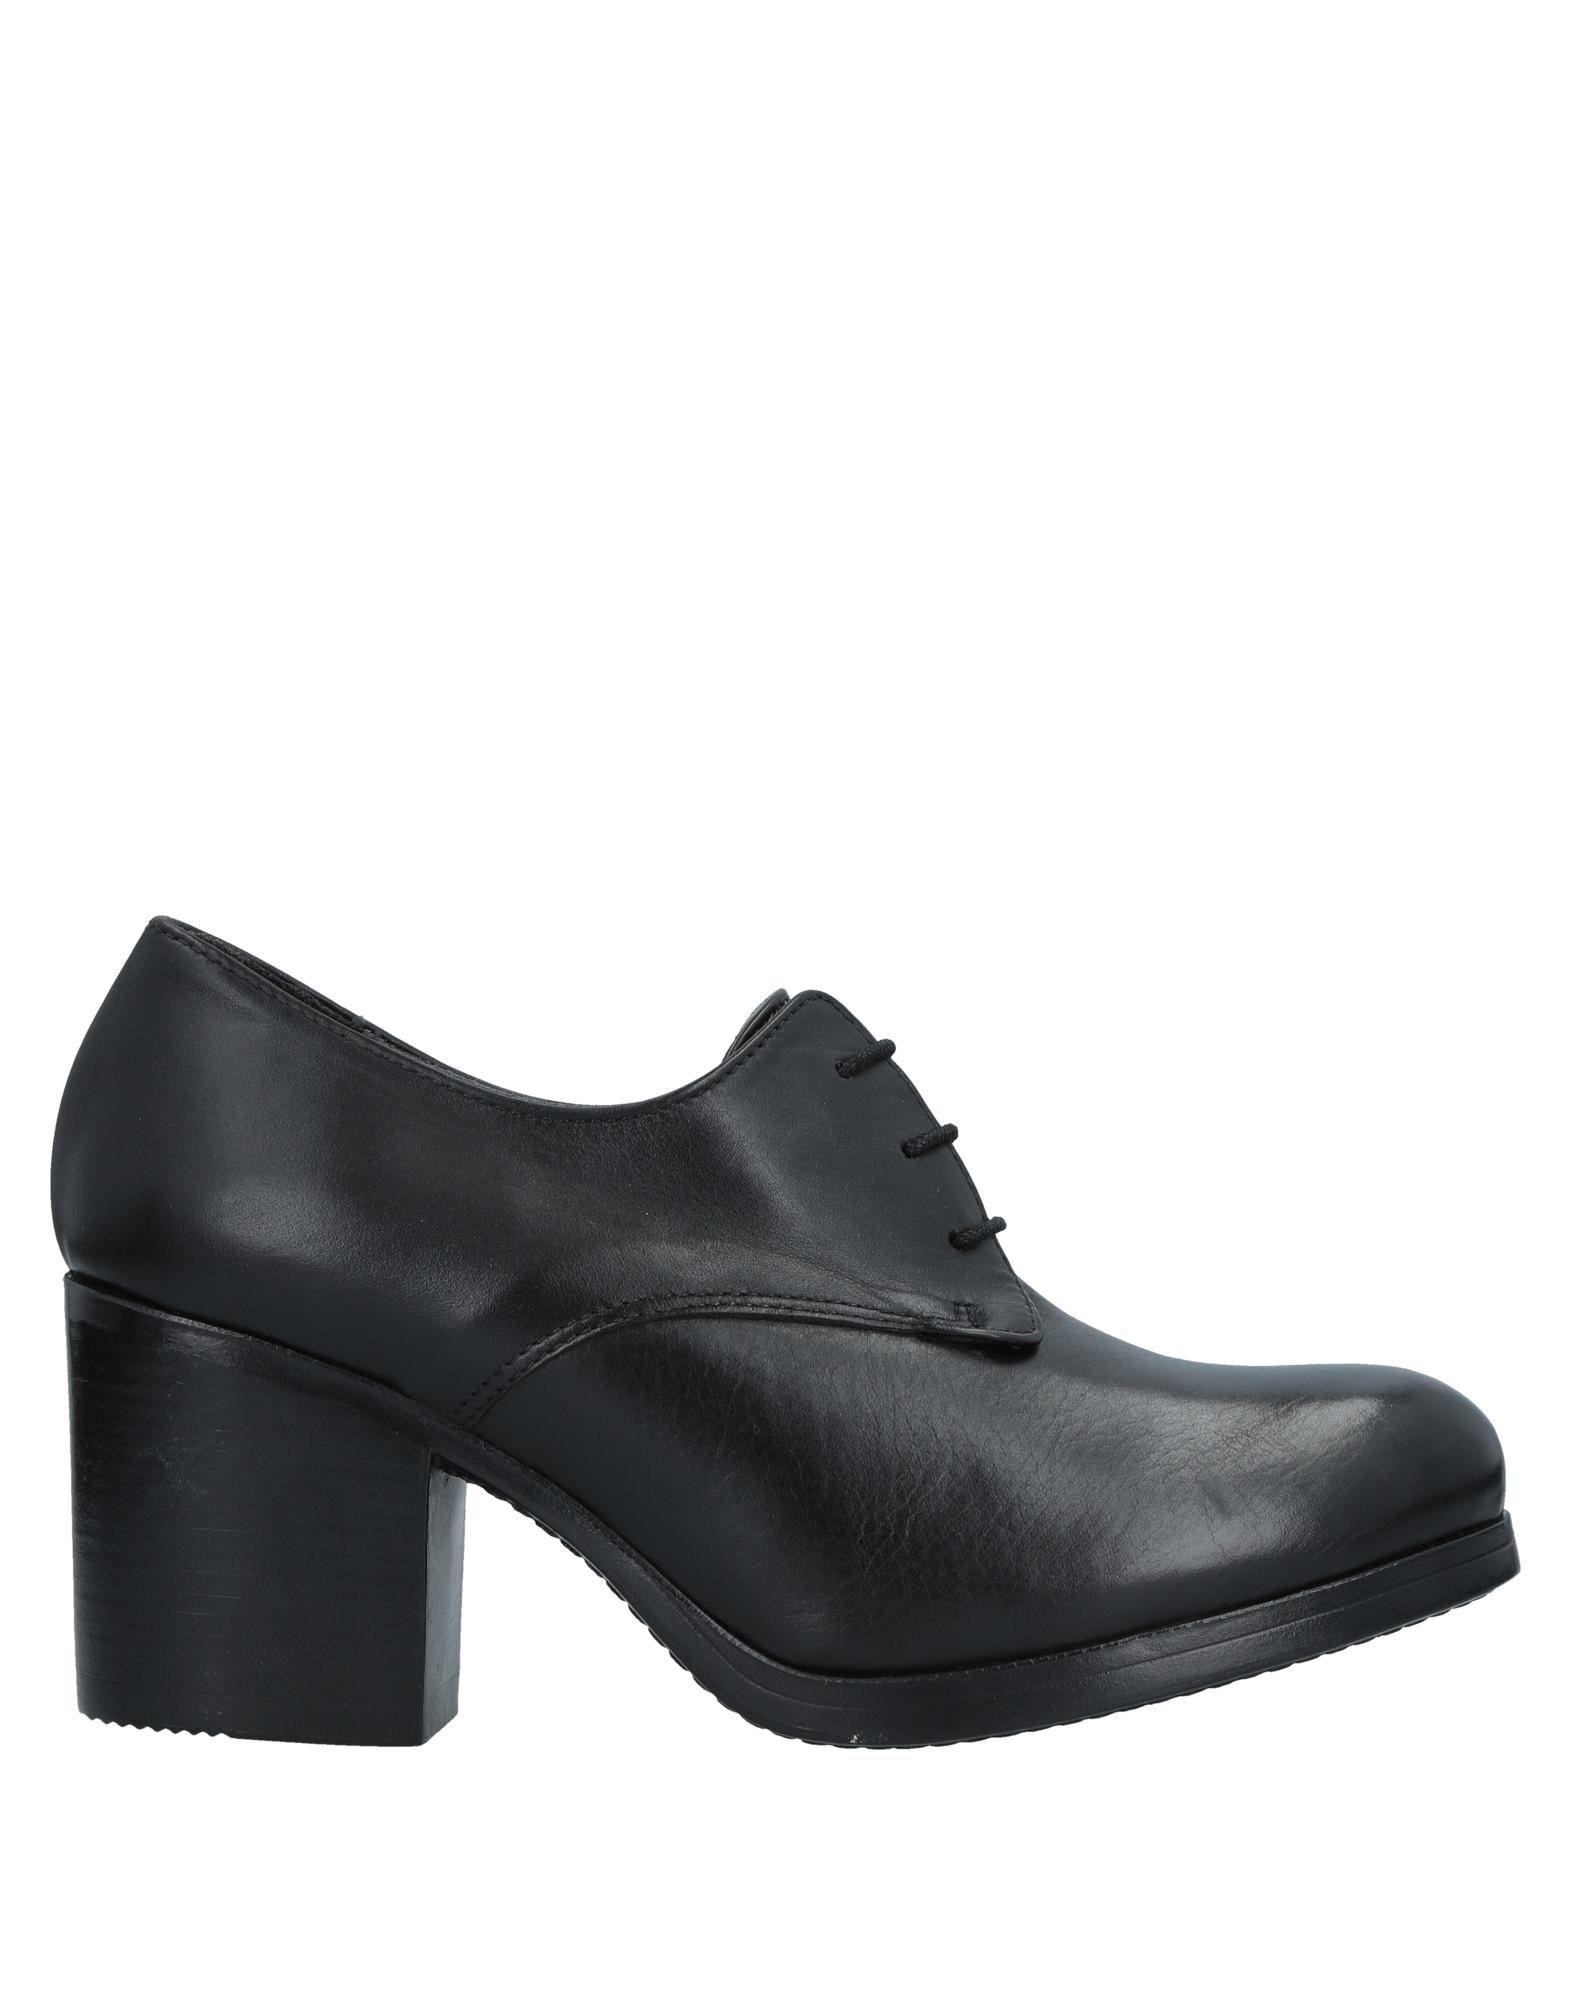 LILIMILL Обувь на шнурках первый внутри обувь обувь обувь обувь обувь обувь обувь обувь обувь 8a2549 мужская армия green 40 метров